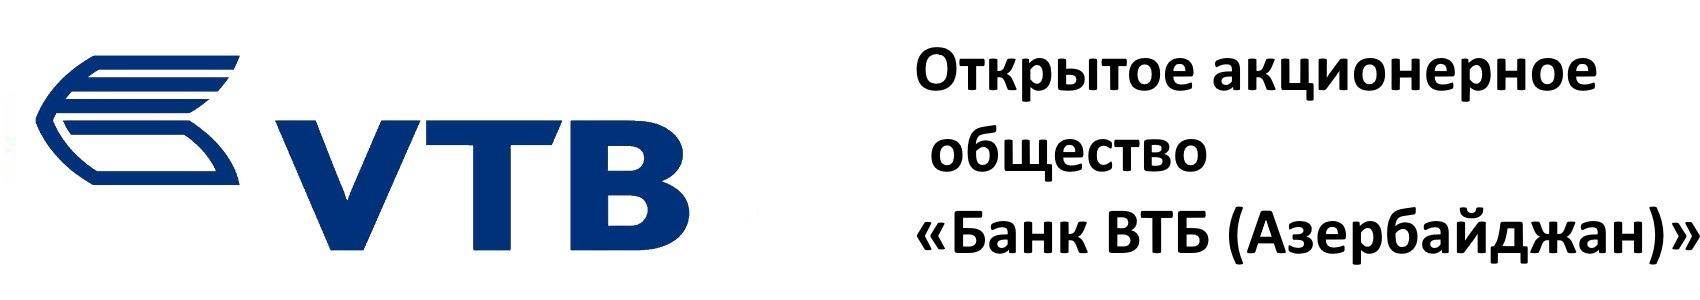 Банк ВТБ (Азербайджан), микрозаймы